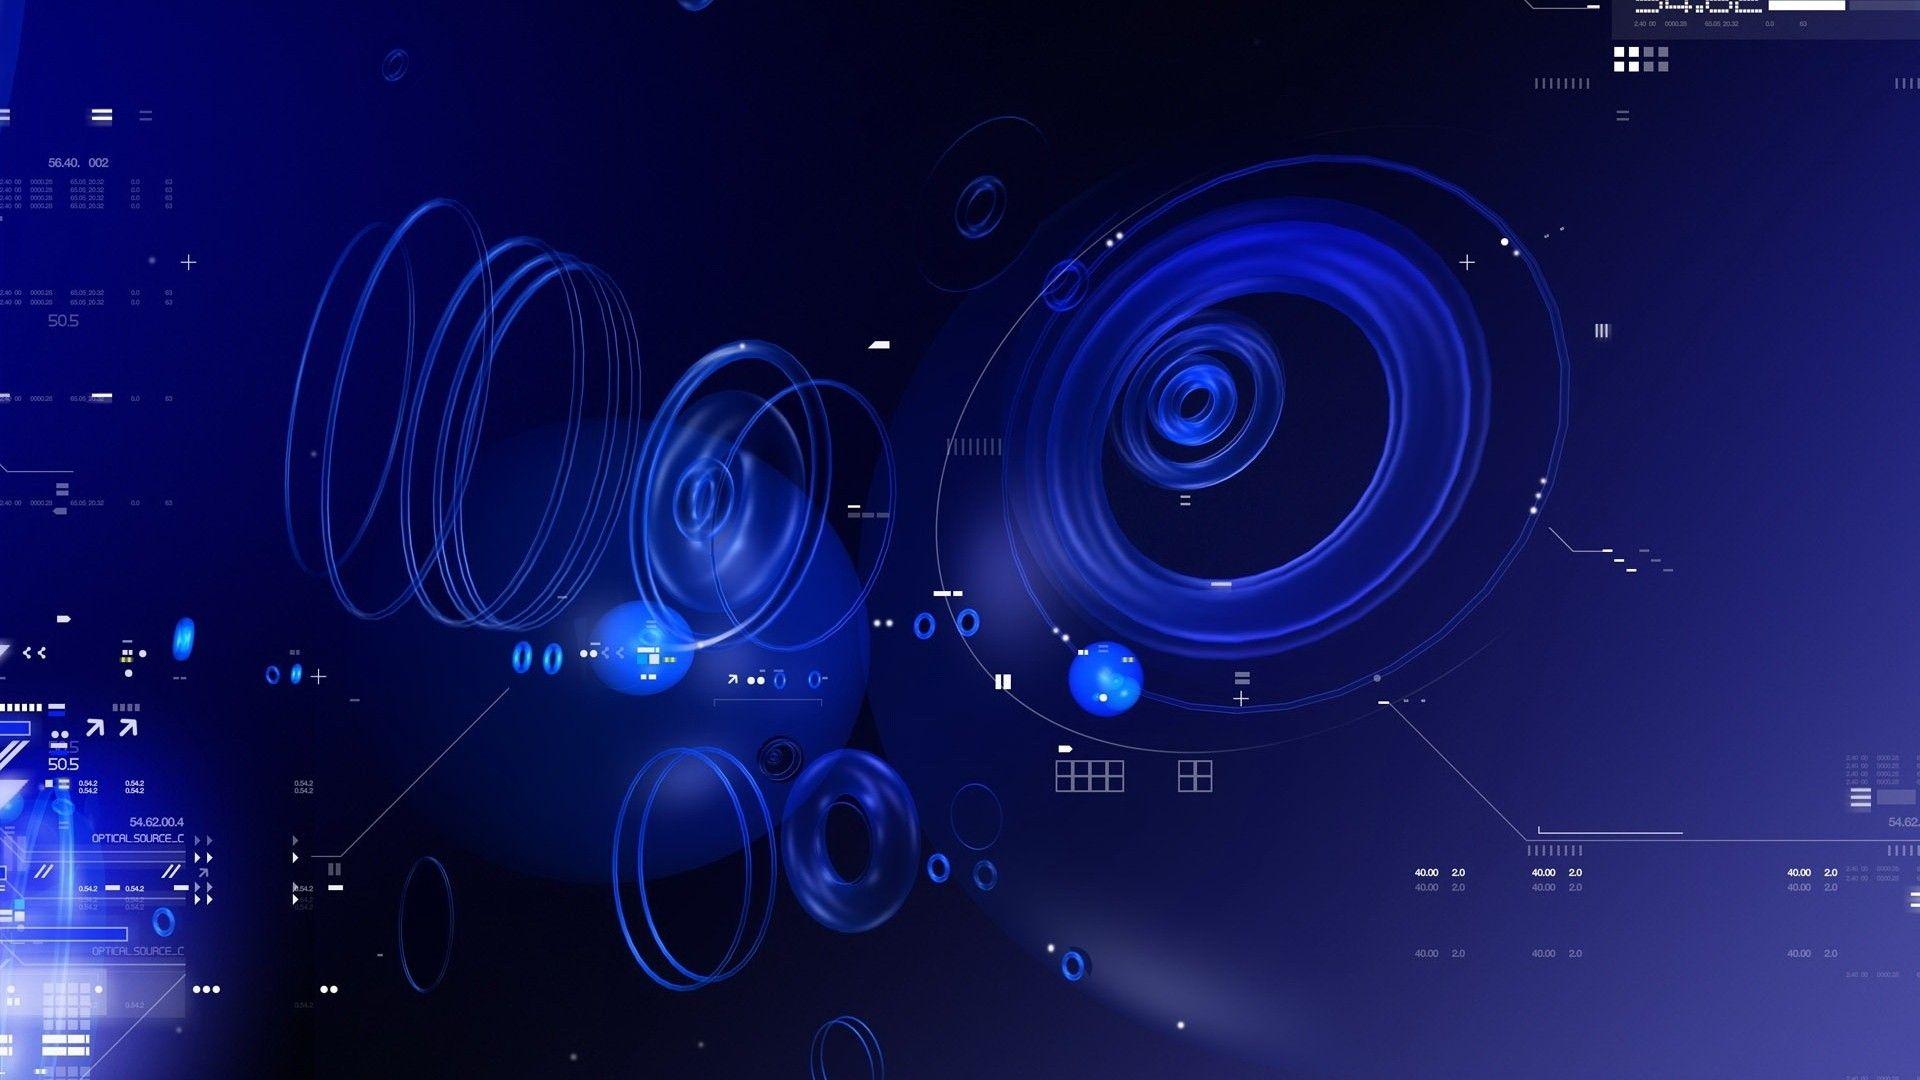 Blue Data 1920x1080 R Wallpapers Technology Wallpaper Android Wallpaper Blue Hi Tech Wallpaper